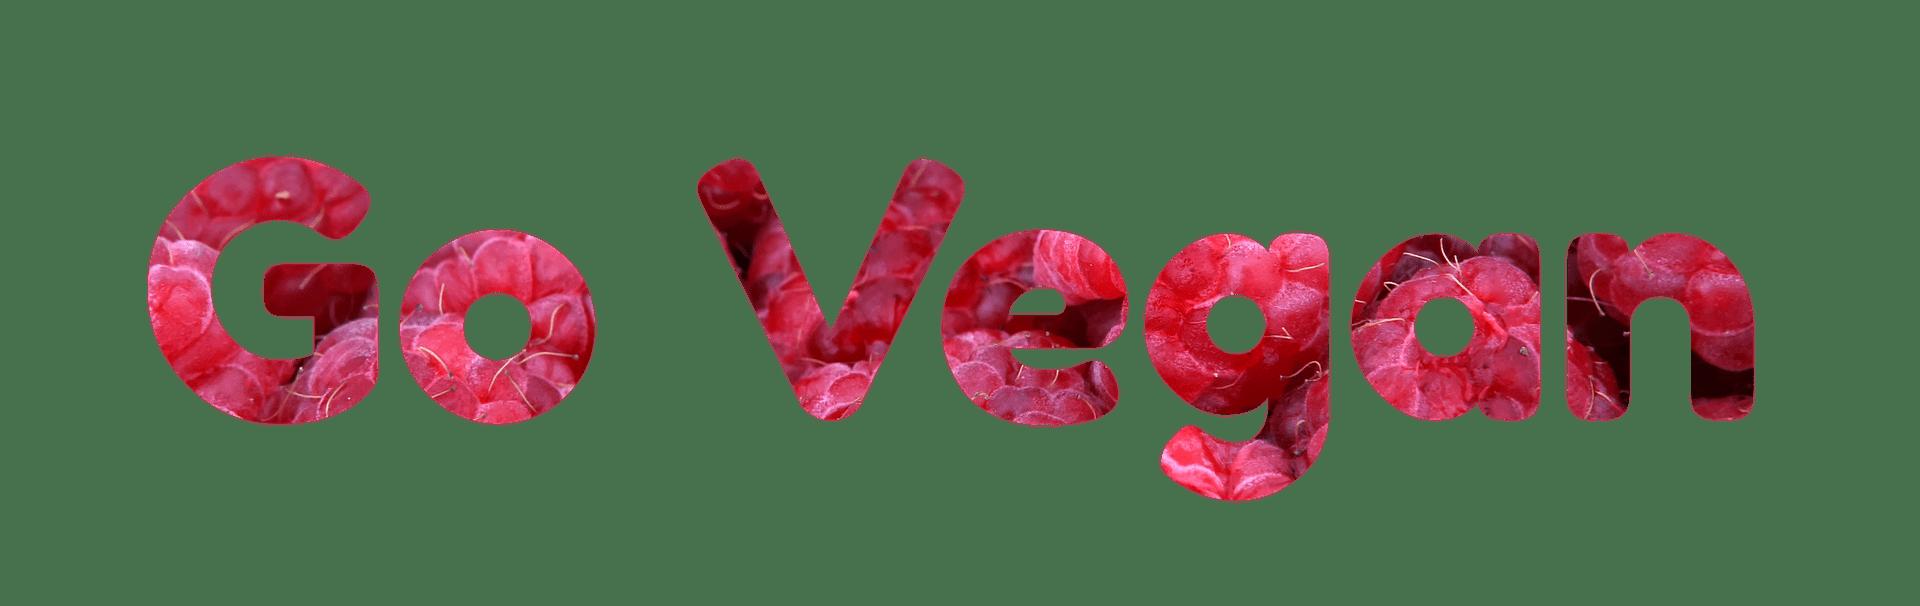 vegan-Going Vegan